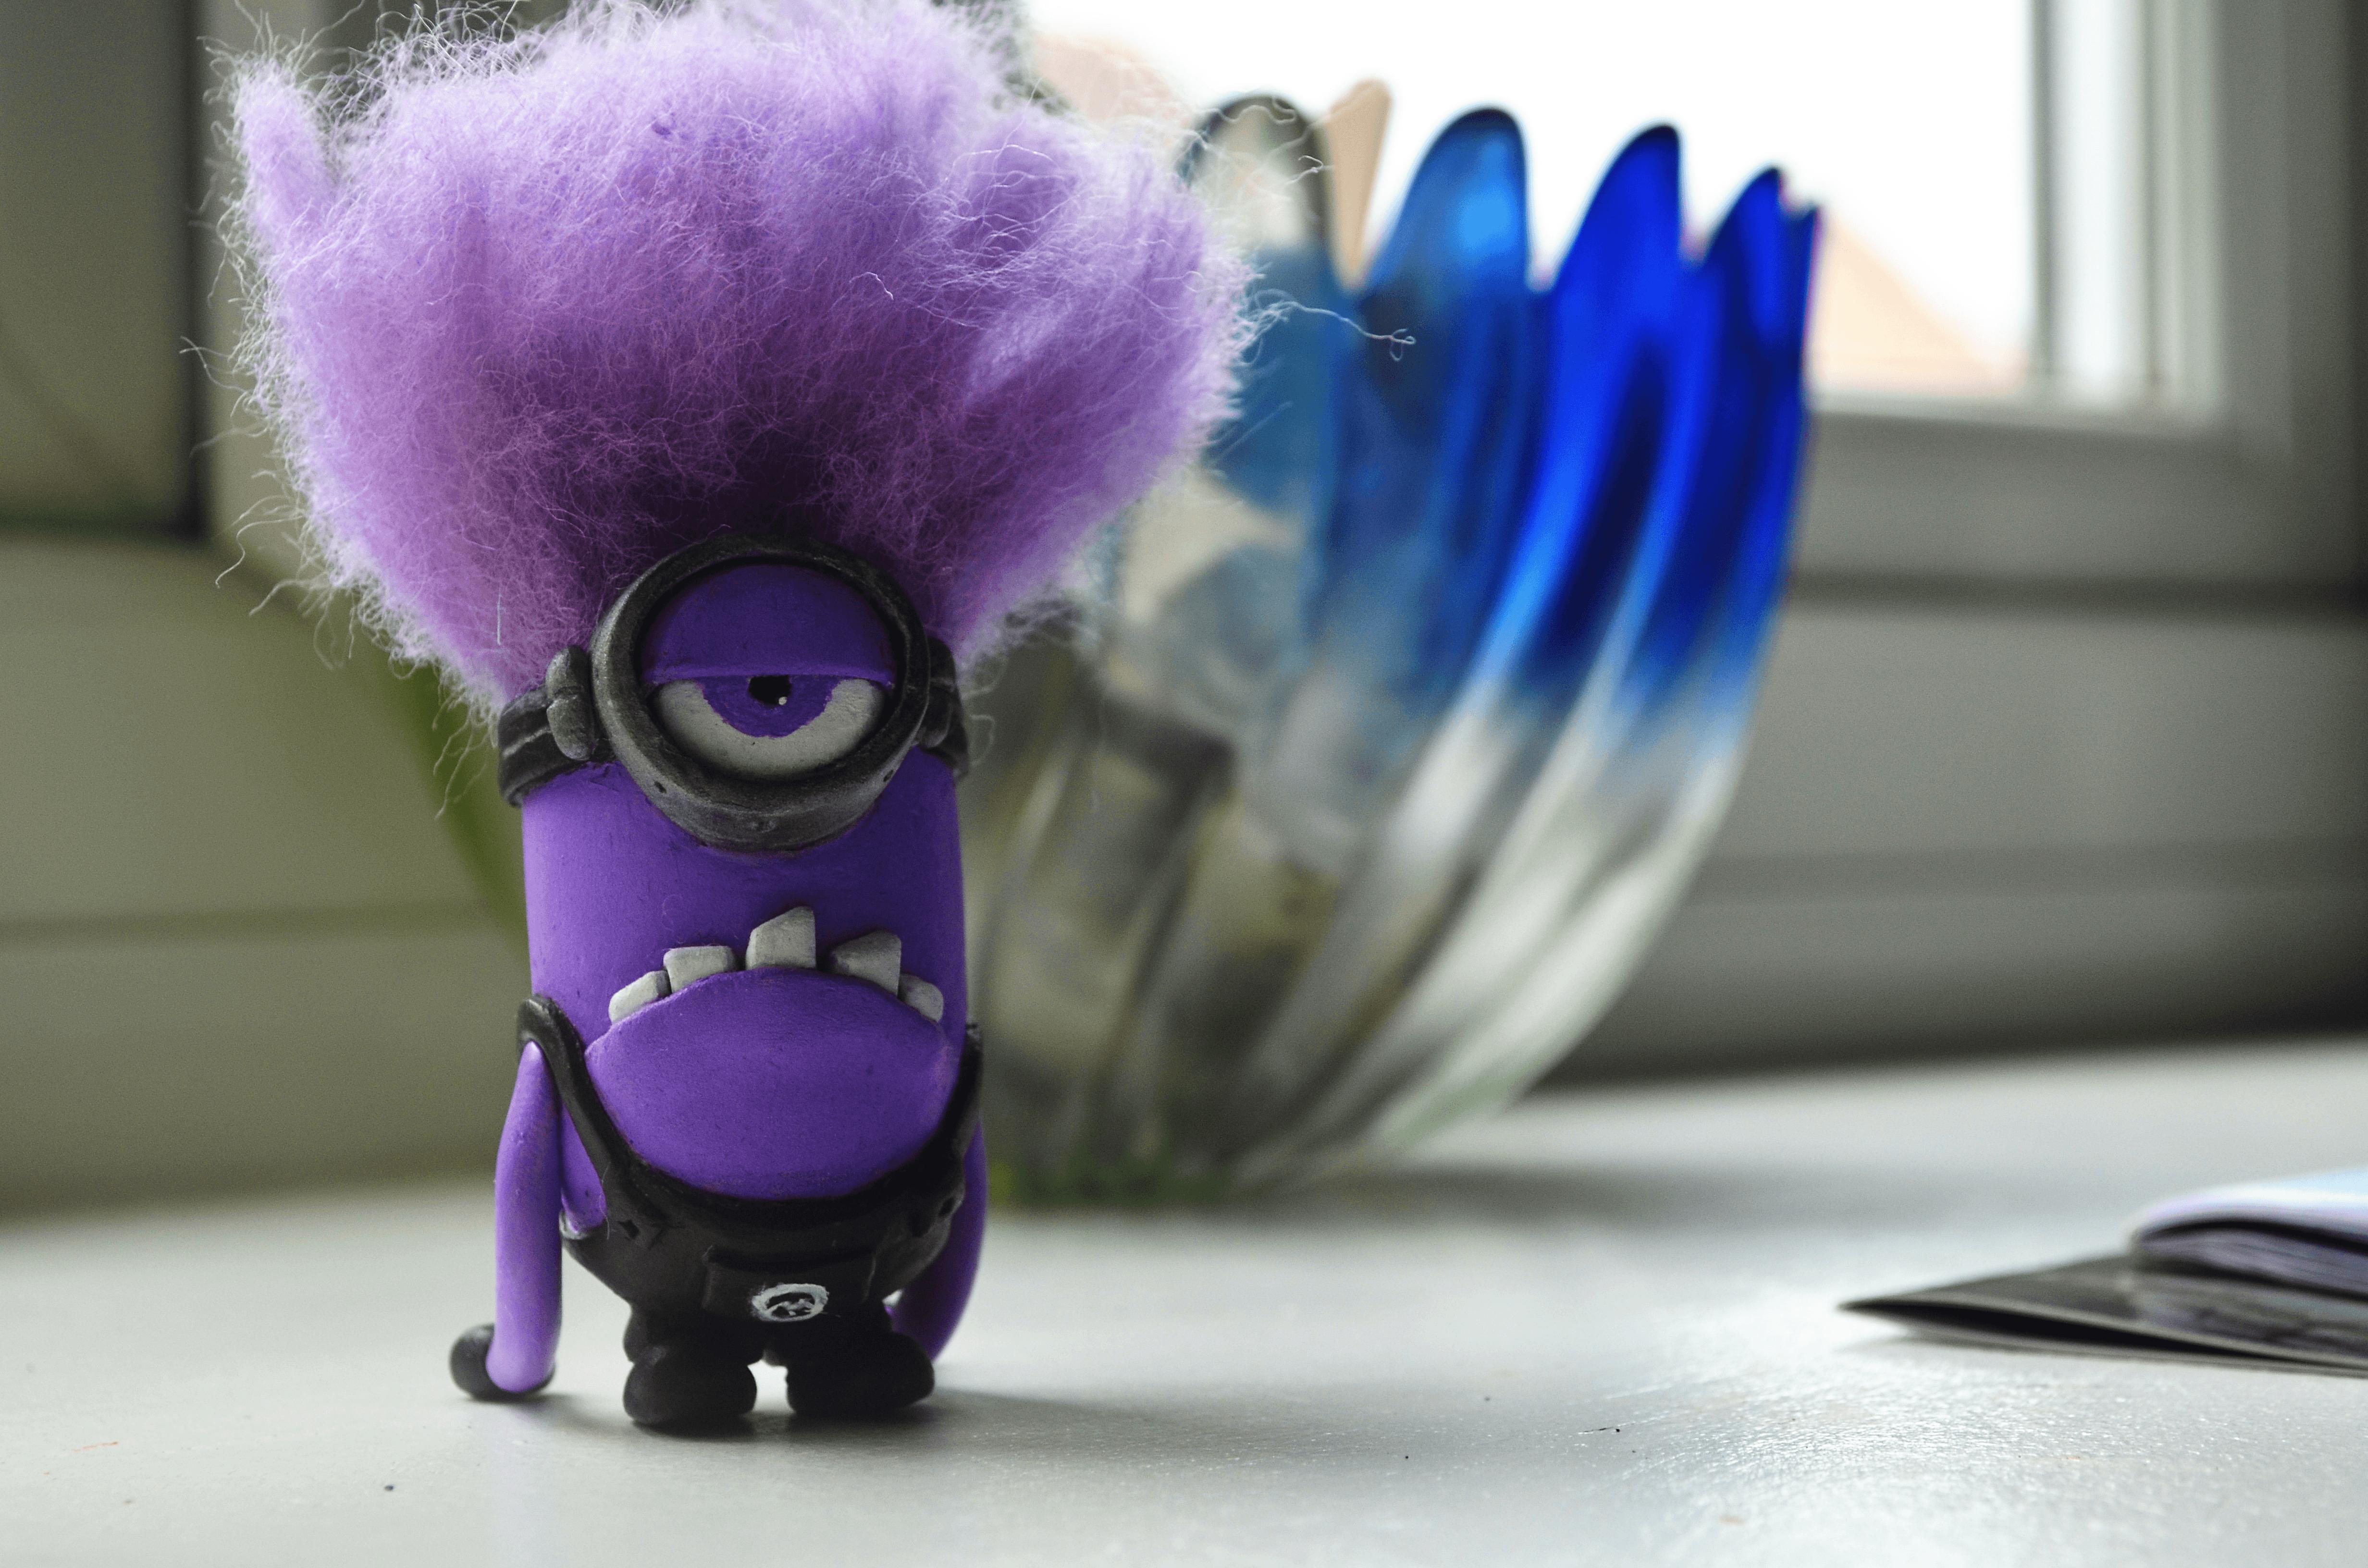 злой фиолетовый миньон картинка девушка пытается попасть